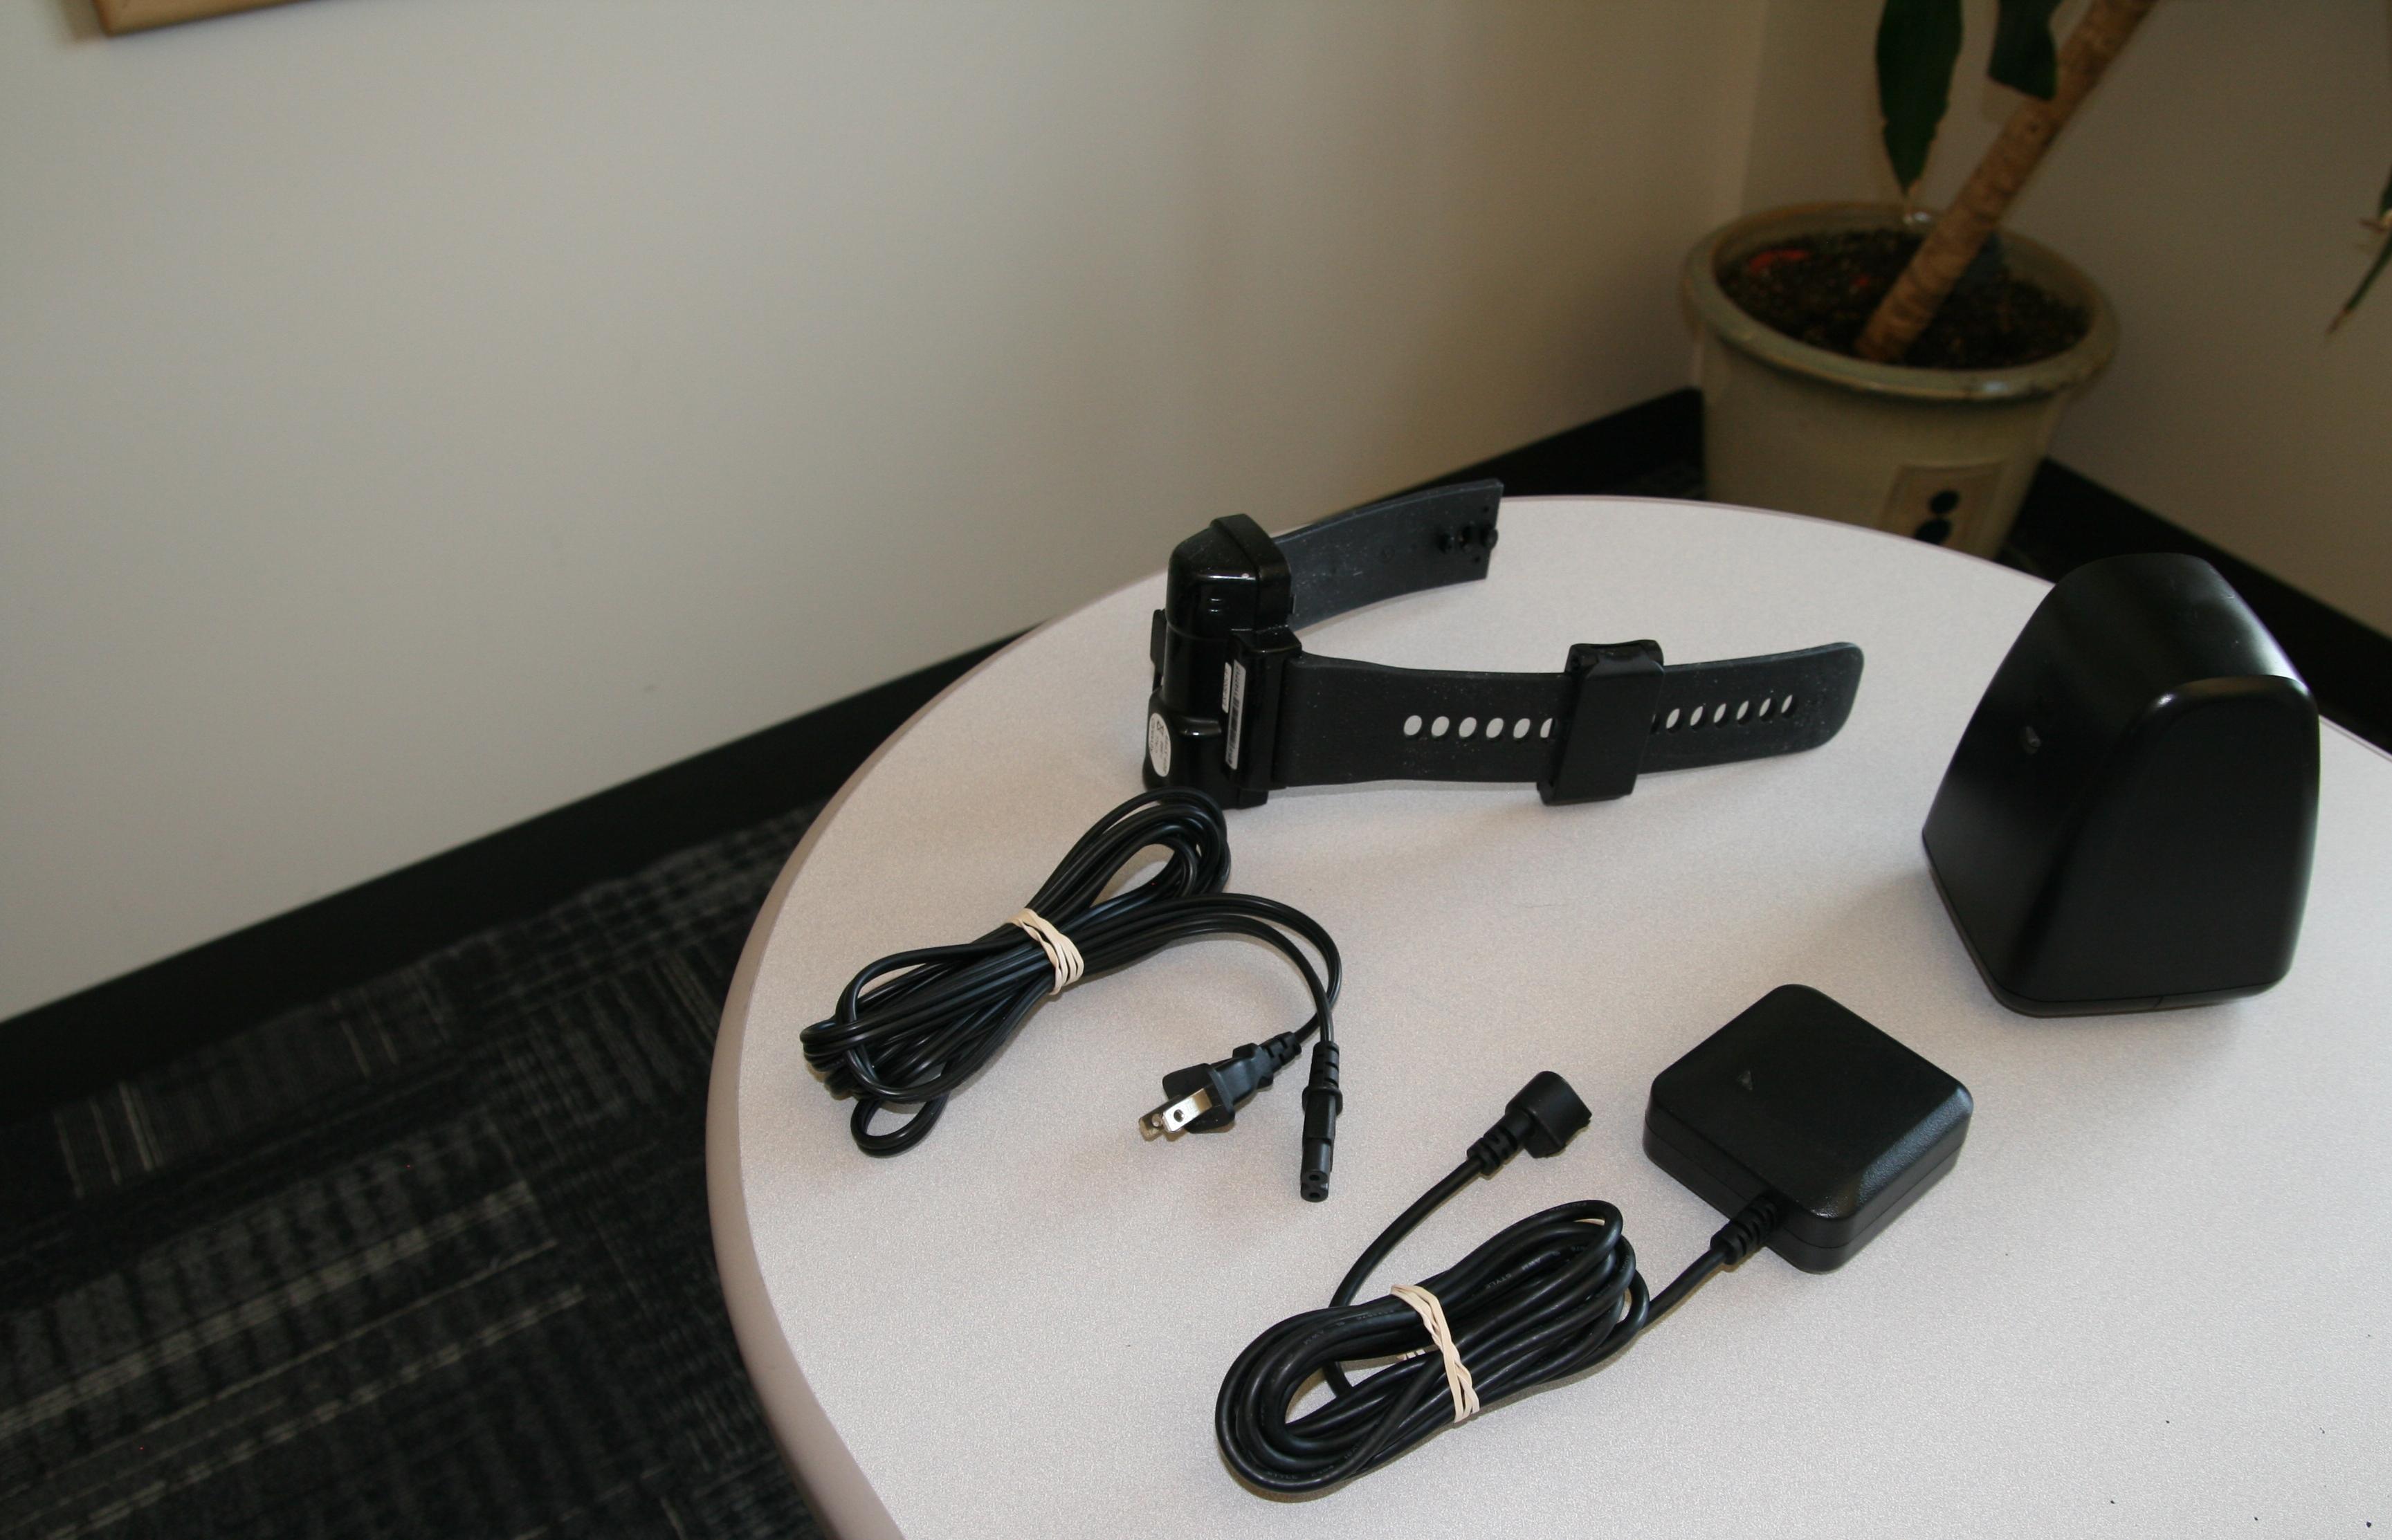 Image 3: GPS Unit